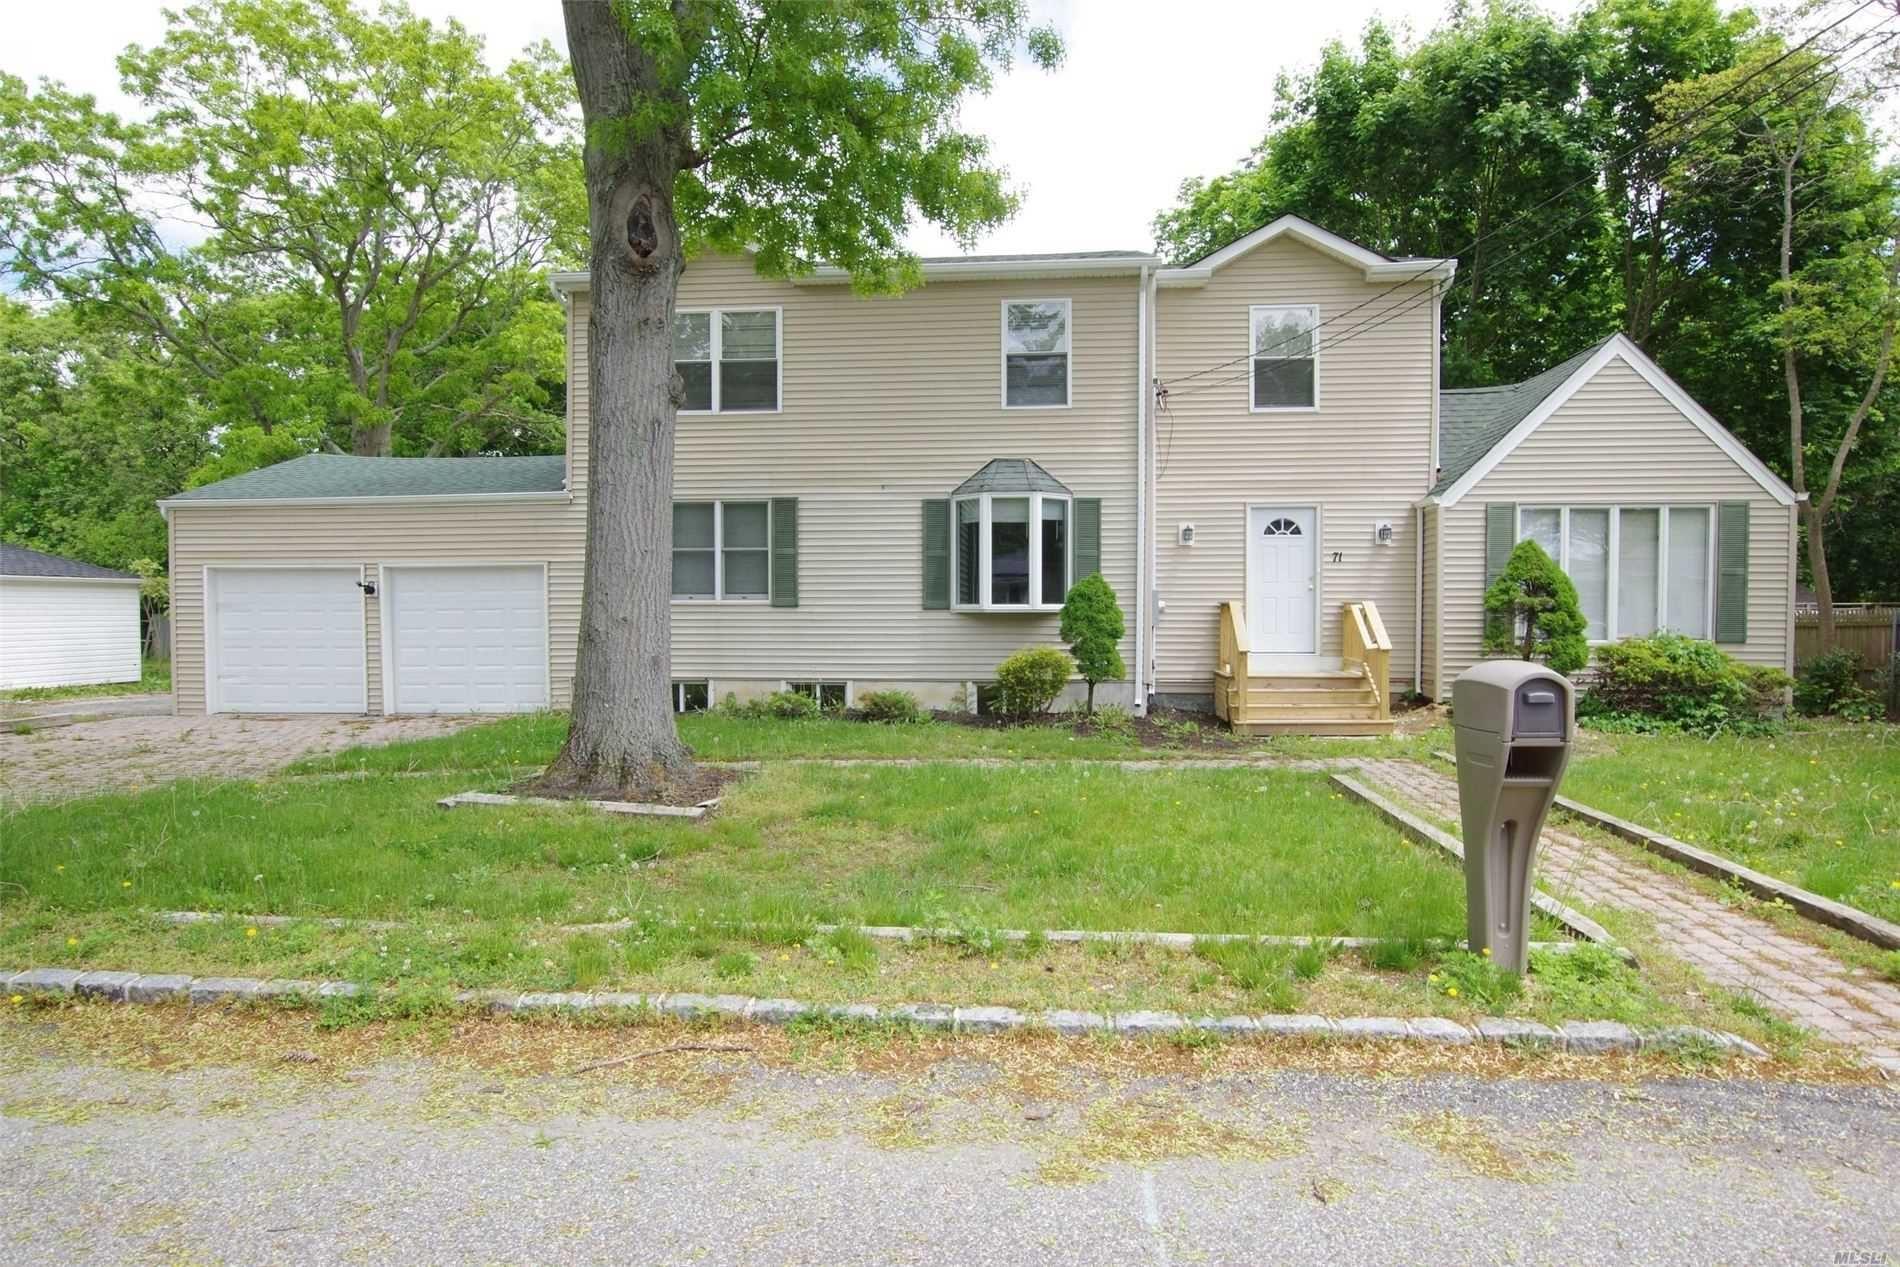 71 Coates Ave, Holbrook, NY 11741 - MLS#: 3220004